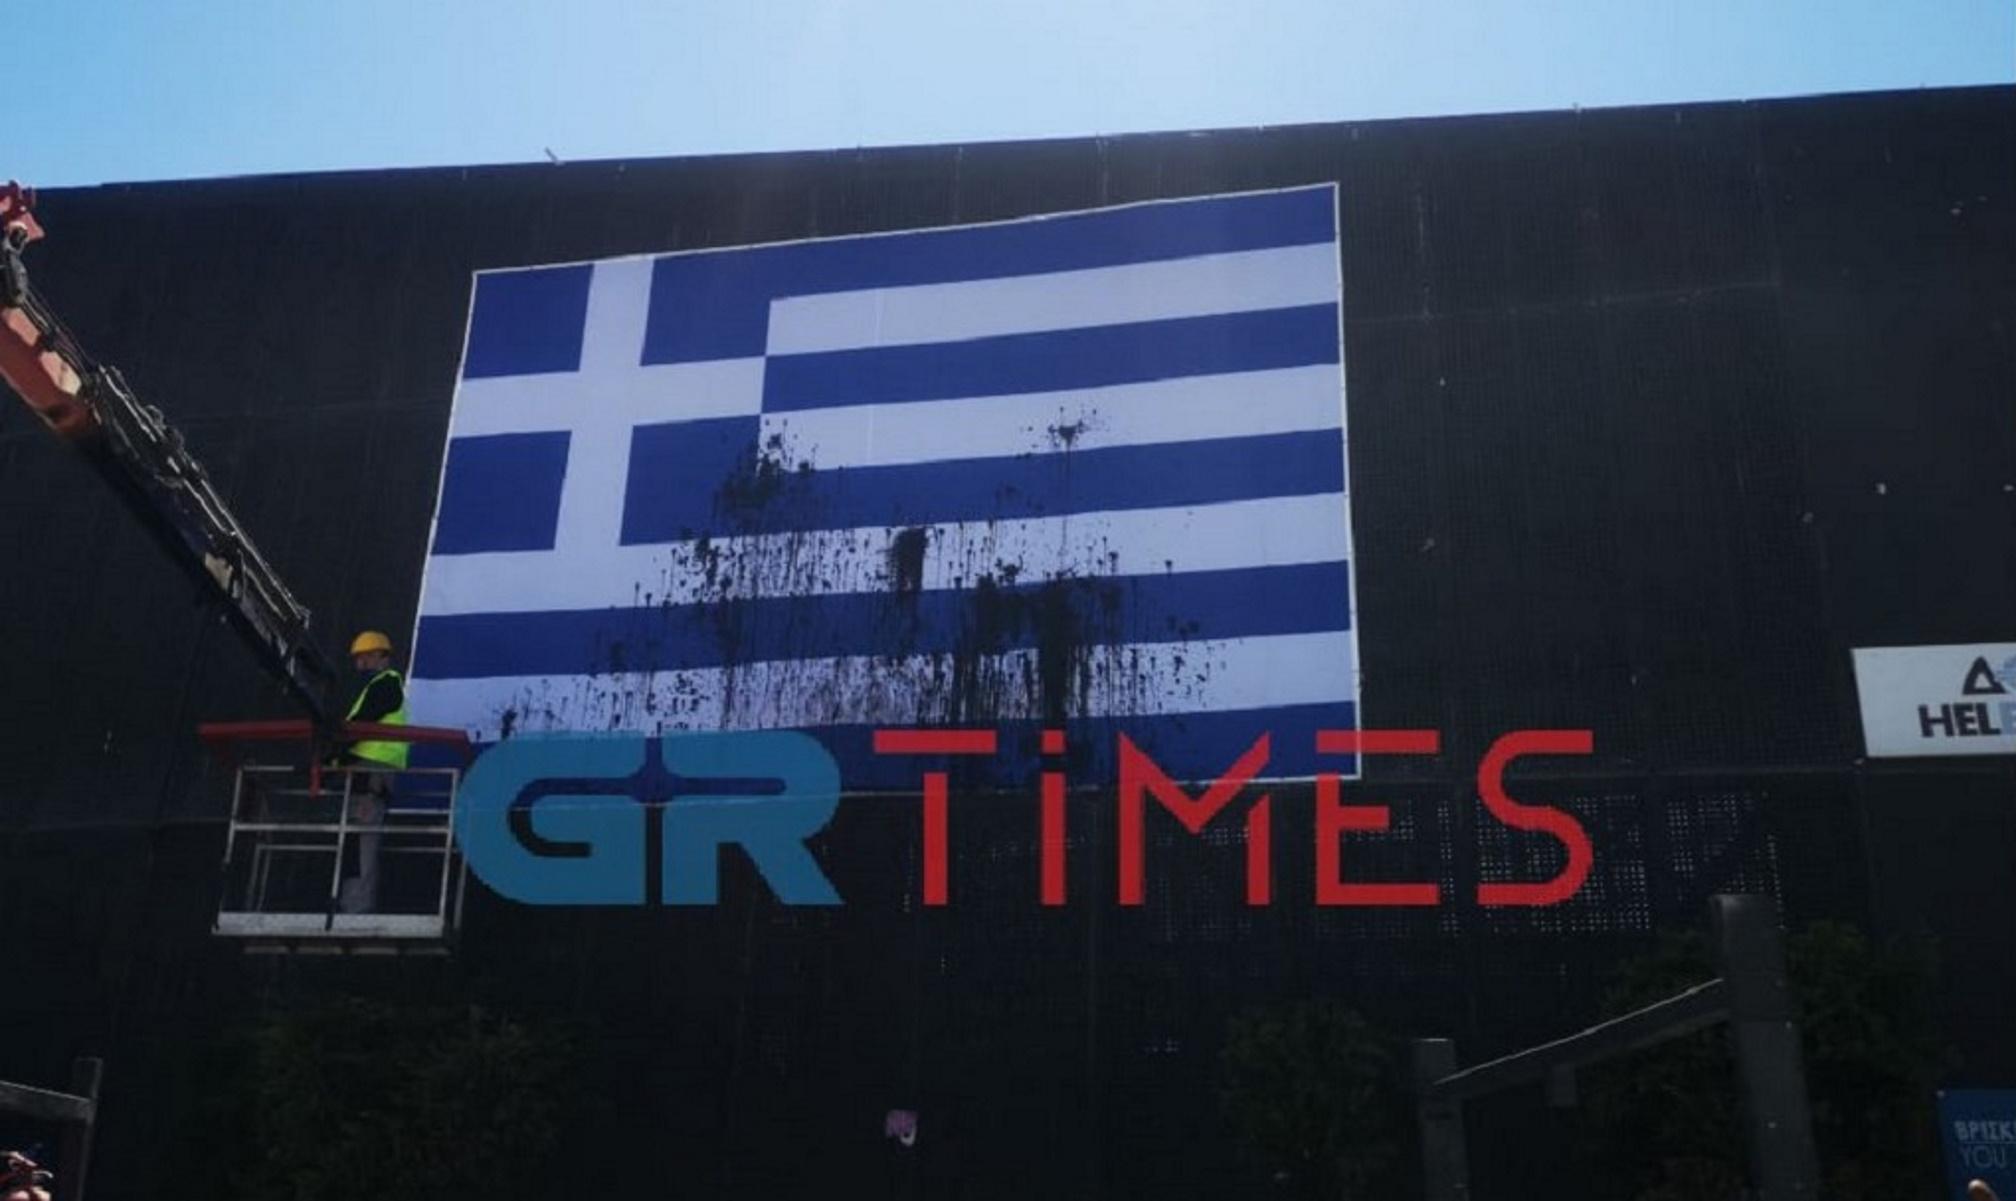 Θεσσαλονίκη – ΔΕΘ: Βανδάλισαν την ελληνική σημαία με μαύρη μπογιά (pics, vid)